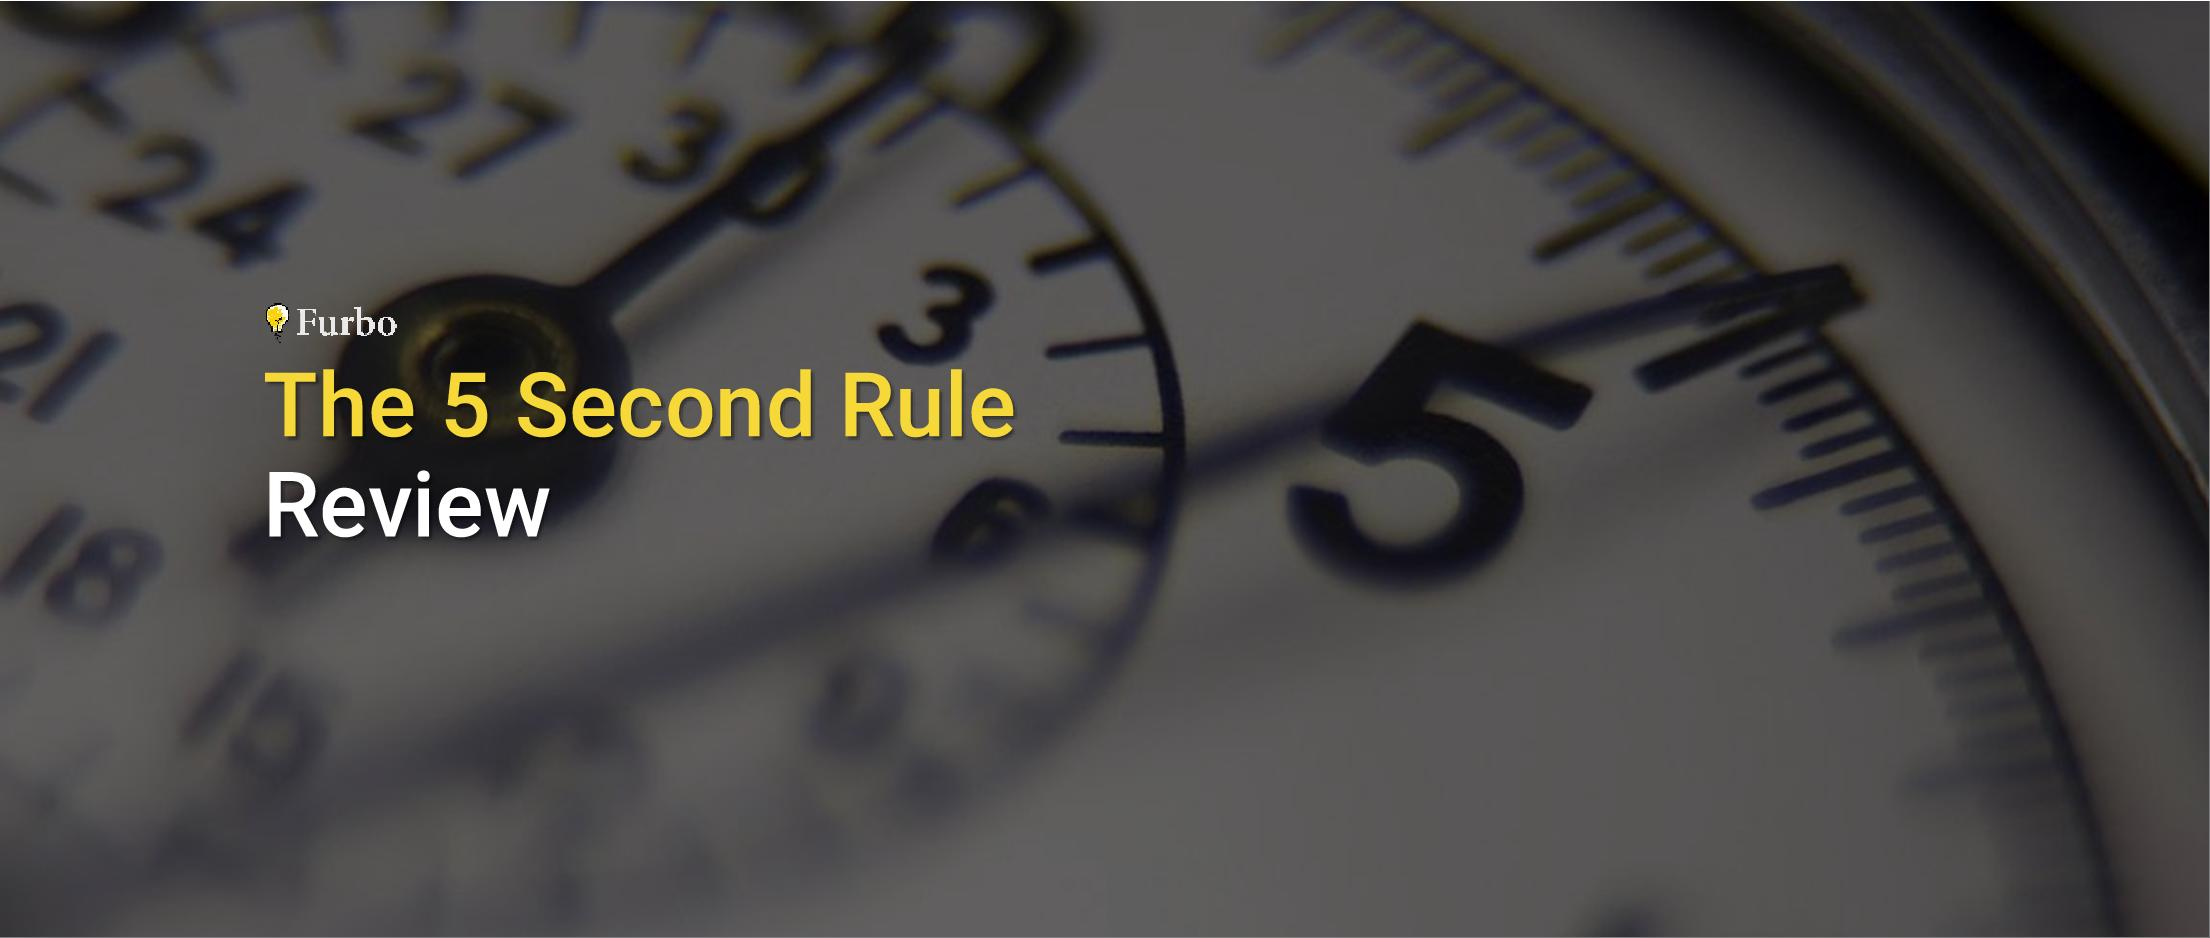 بررسی کتاب «قانون ۵ ثانیه» نوشته مِل رابینز